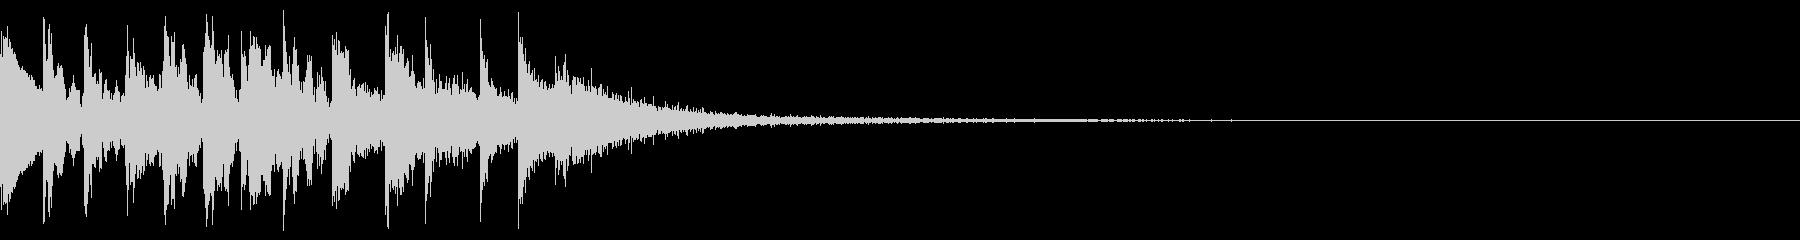 ジャララン 下降 トイピアノの未再生の波形